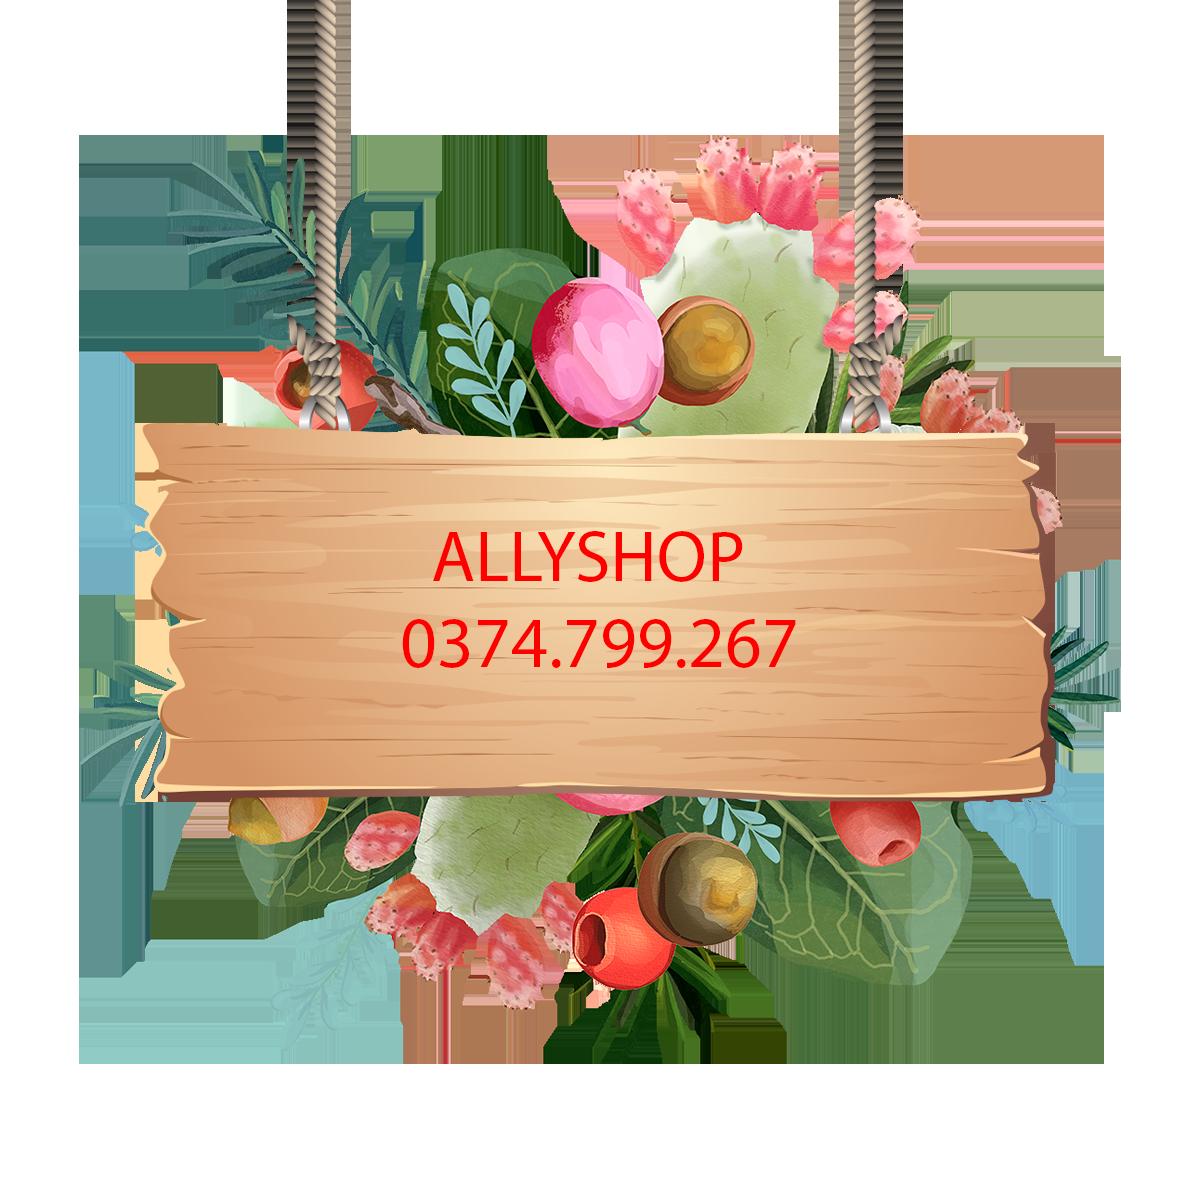 Ally shop